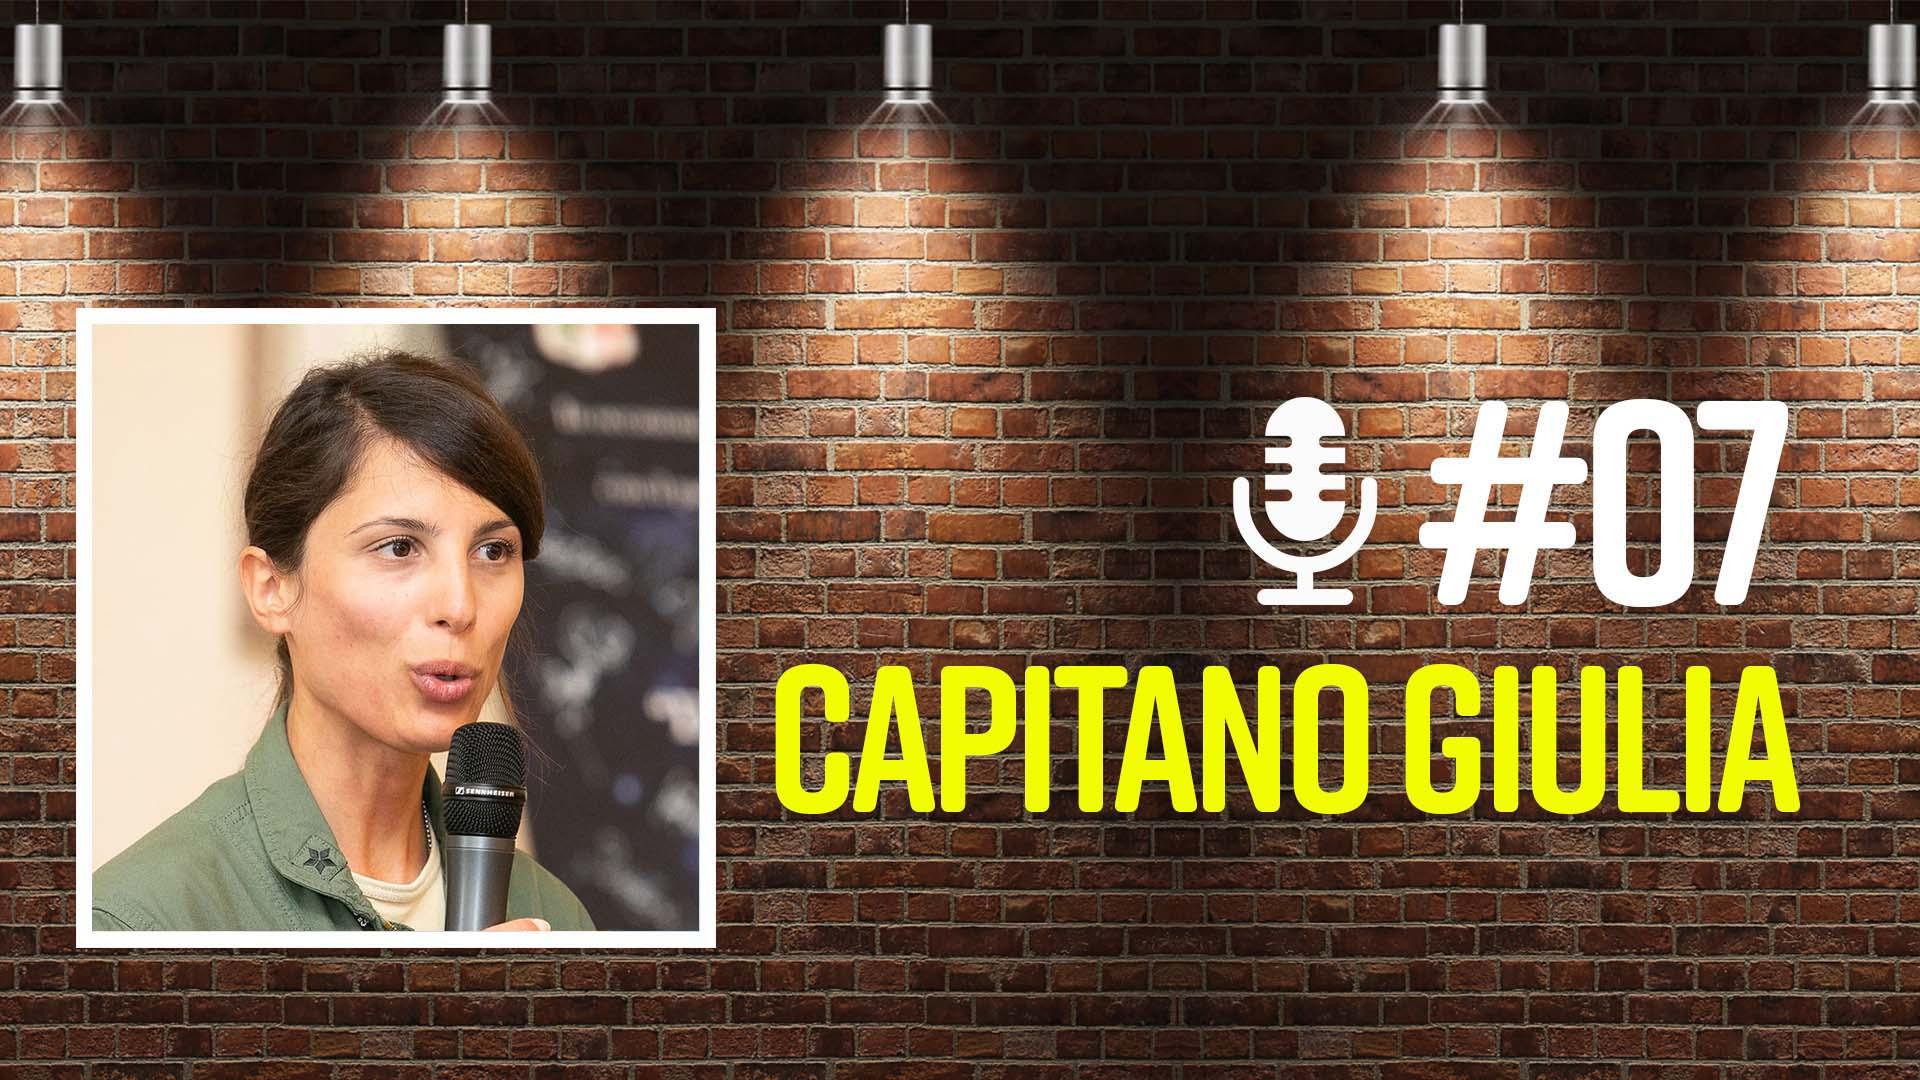 Intervista Capitano Giulia: come diventare pilota di caccia? | podcast thumbnail